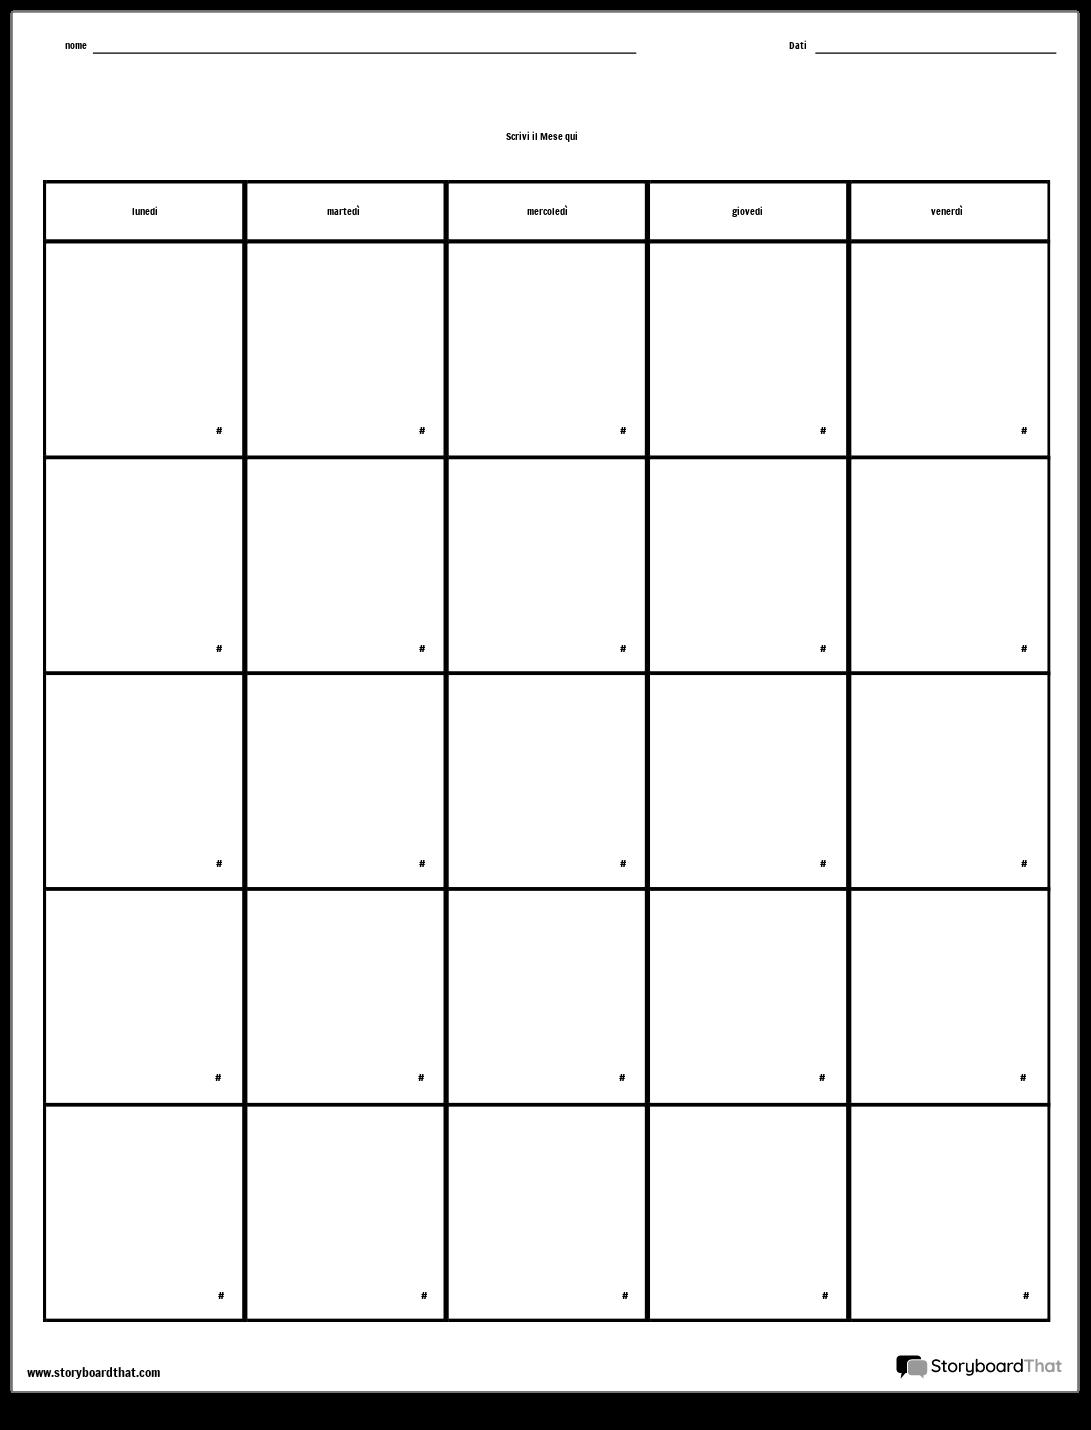 Calendario Giorno.Calendario Giorno Della Settimana Storyboard